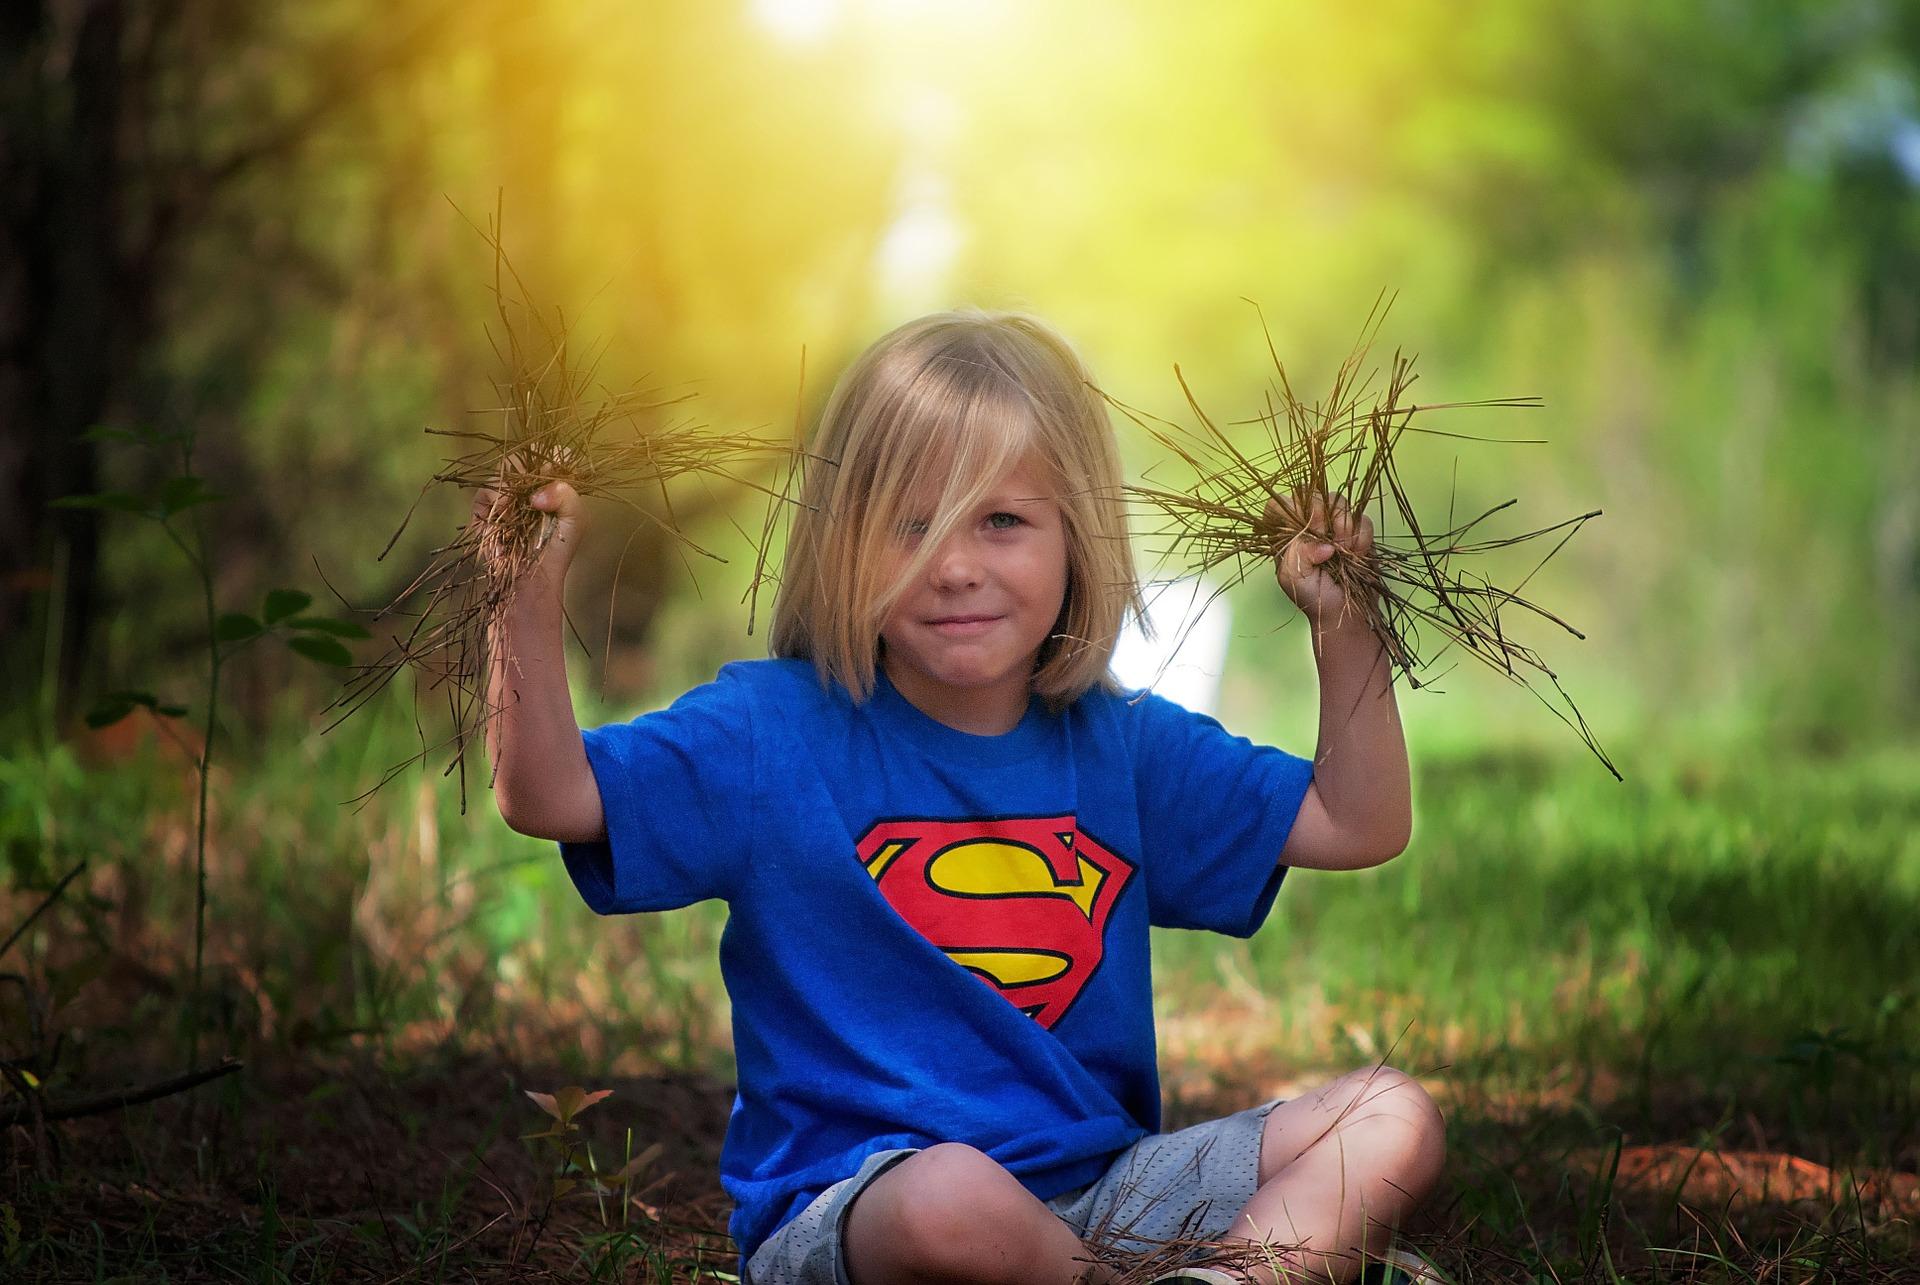 Dziecko siedzi na dworze na trawie i trzyma w rękach wyrwane z ziemi rośliny.